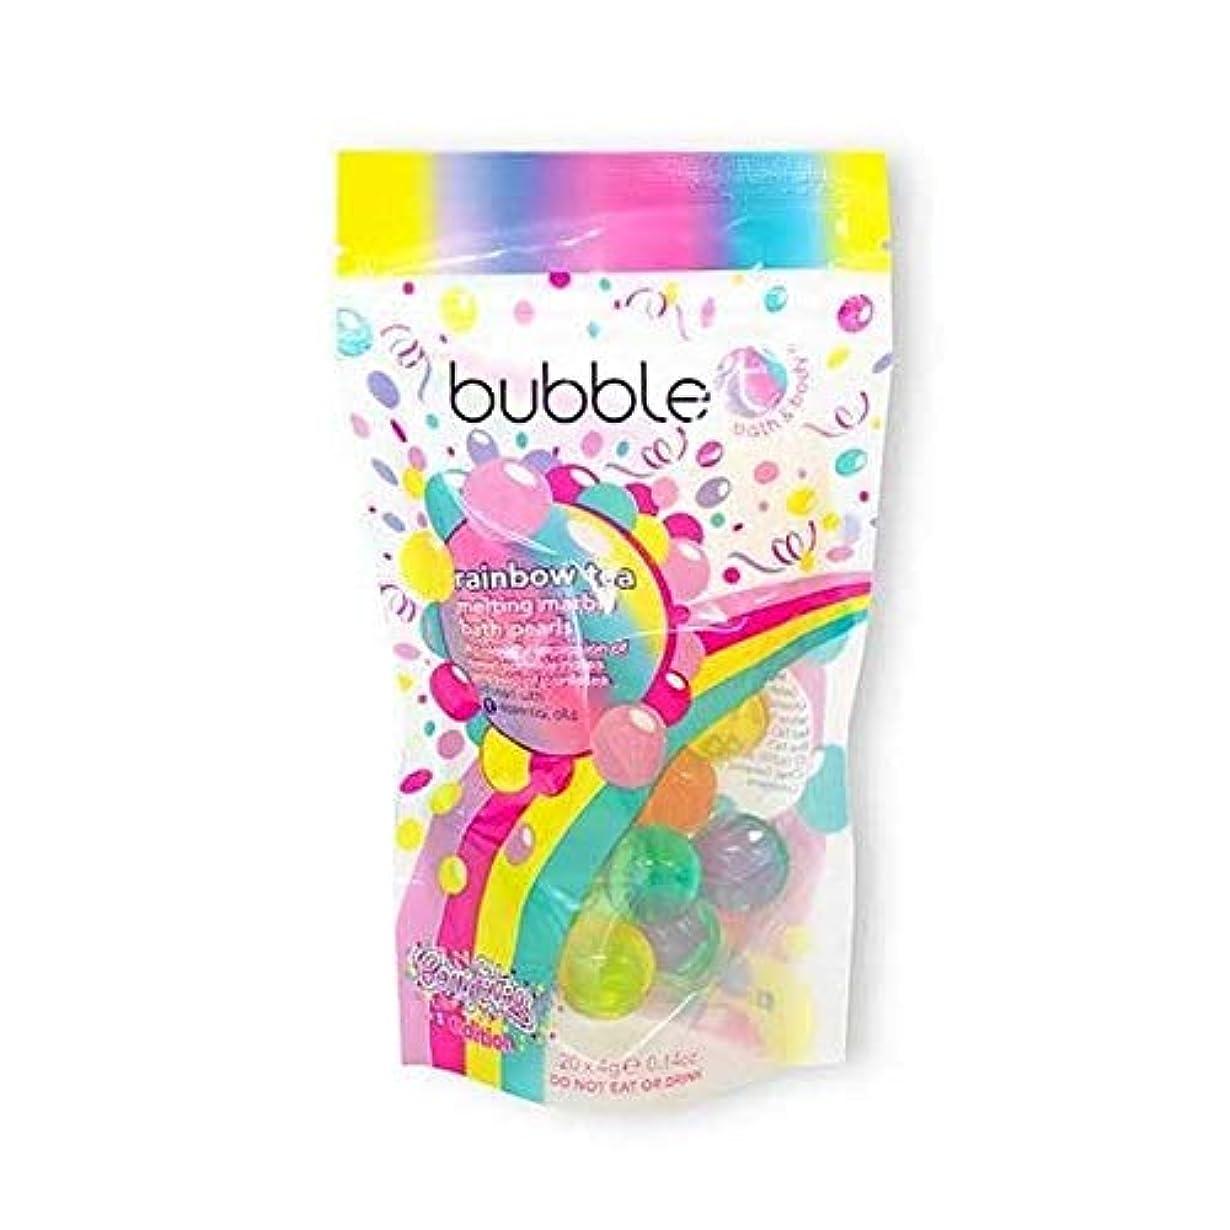 アジア初期お別れ[Bubble T ] バブルトン化粧品溶融槽真珠虹茶20×4グラム - Bubble T Cosmetics Melting Bath Pearls Rainbow Tea 20 x 4g [並行輸入品]